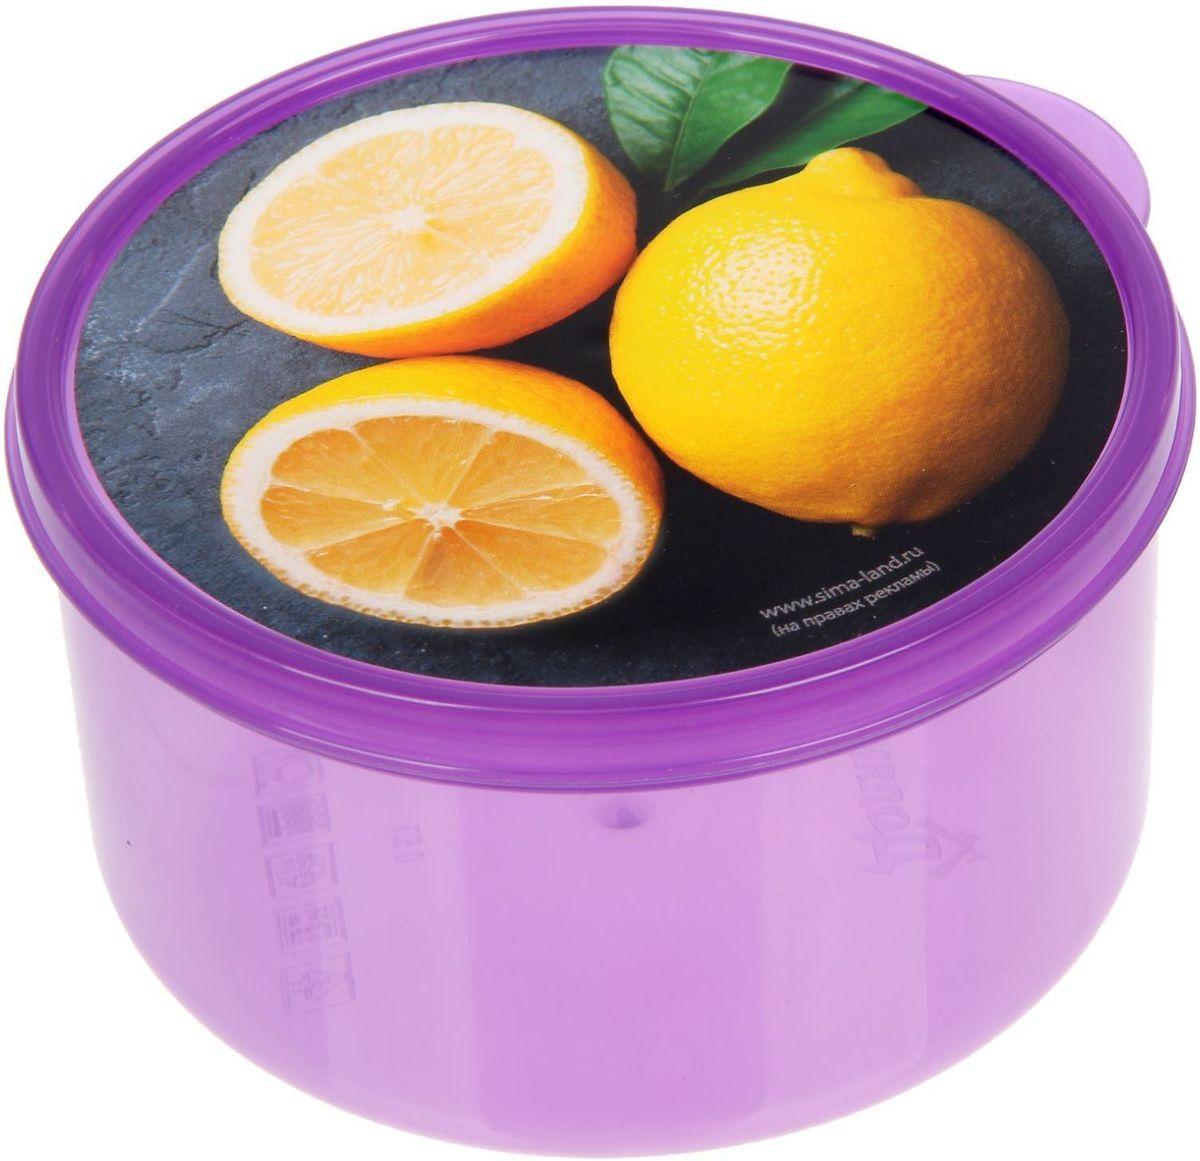 Ланч-бокс Доляна №18, круглый, 500 мл1699859Если после вкусного обеда осталась еда, а насладиться трапезой хочется и на следующийдень, ланч-бокс станет отличным решением данной проблемы! Такой контейнер является незаменимым предметом кухонной утвари, ведь у него многопреимуществ: Простота ухода. Ланч-бокс достаточно промыть тёплой водой с небольшим количествомчистящего средства, и он снова готов к использованию. Вместительность. Большой выбор форм и объёма поможет разместить разнообразныепродукты от сахара до супов. Эргономичность. Ланч-боксы очень легко хранить даже в самой маленькой кухне, так как ихможно поставить один в другой по принципу матрёшки. Многофункциональность. Разнообразие цветов и форм делает возможным использованиеконтейнеров не только на кухне, но и в других областях домашнего быта. Любители приготовления обеда на всю семью в большинстве случаев приобретают ланч-боксынаборами, так как это позволяет рассортировать продукты по всевозможным признакам. К томуже контейнеры среднего размера станут незаменимыми помощниками на работе: ведь чтоможет быть приятнее, чем порадовать себя во время обеда прекрасной едой, заботливосохранённой в контейнере? В качестве материала для изготовления используется пластик, что делает процесс ухода законтейнером ещё более эффективным. К каждому ланч-боксу в комплекте также прилагаетсякрышка подходящего размера, это позволяет плотно и надёжно удерживать запах еды иупрощает процесс транспортировки. Однако рекомендуется соблюдать и меры предосторожности: не использовать пластиковыеконтейнеры в духовых шкафах и на открытом огне, а также не разогревать в микроволновыхпечах при закрытой крышке ланч-бокса. Соблюдение мер безопасности позволит продлить срокэксплуатации и сохранить отличный внешний вид изделия. Эргономичный дизайн и многофункциональность таких контейнеров — вот, что являетсяпричиной большой популярности данного предмета у каждой хозяйки. А в преддверии лета идачного сезона такое приобретение позволит поднять отдых 